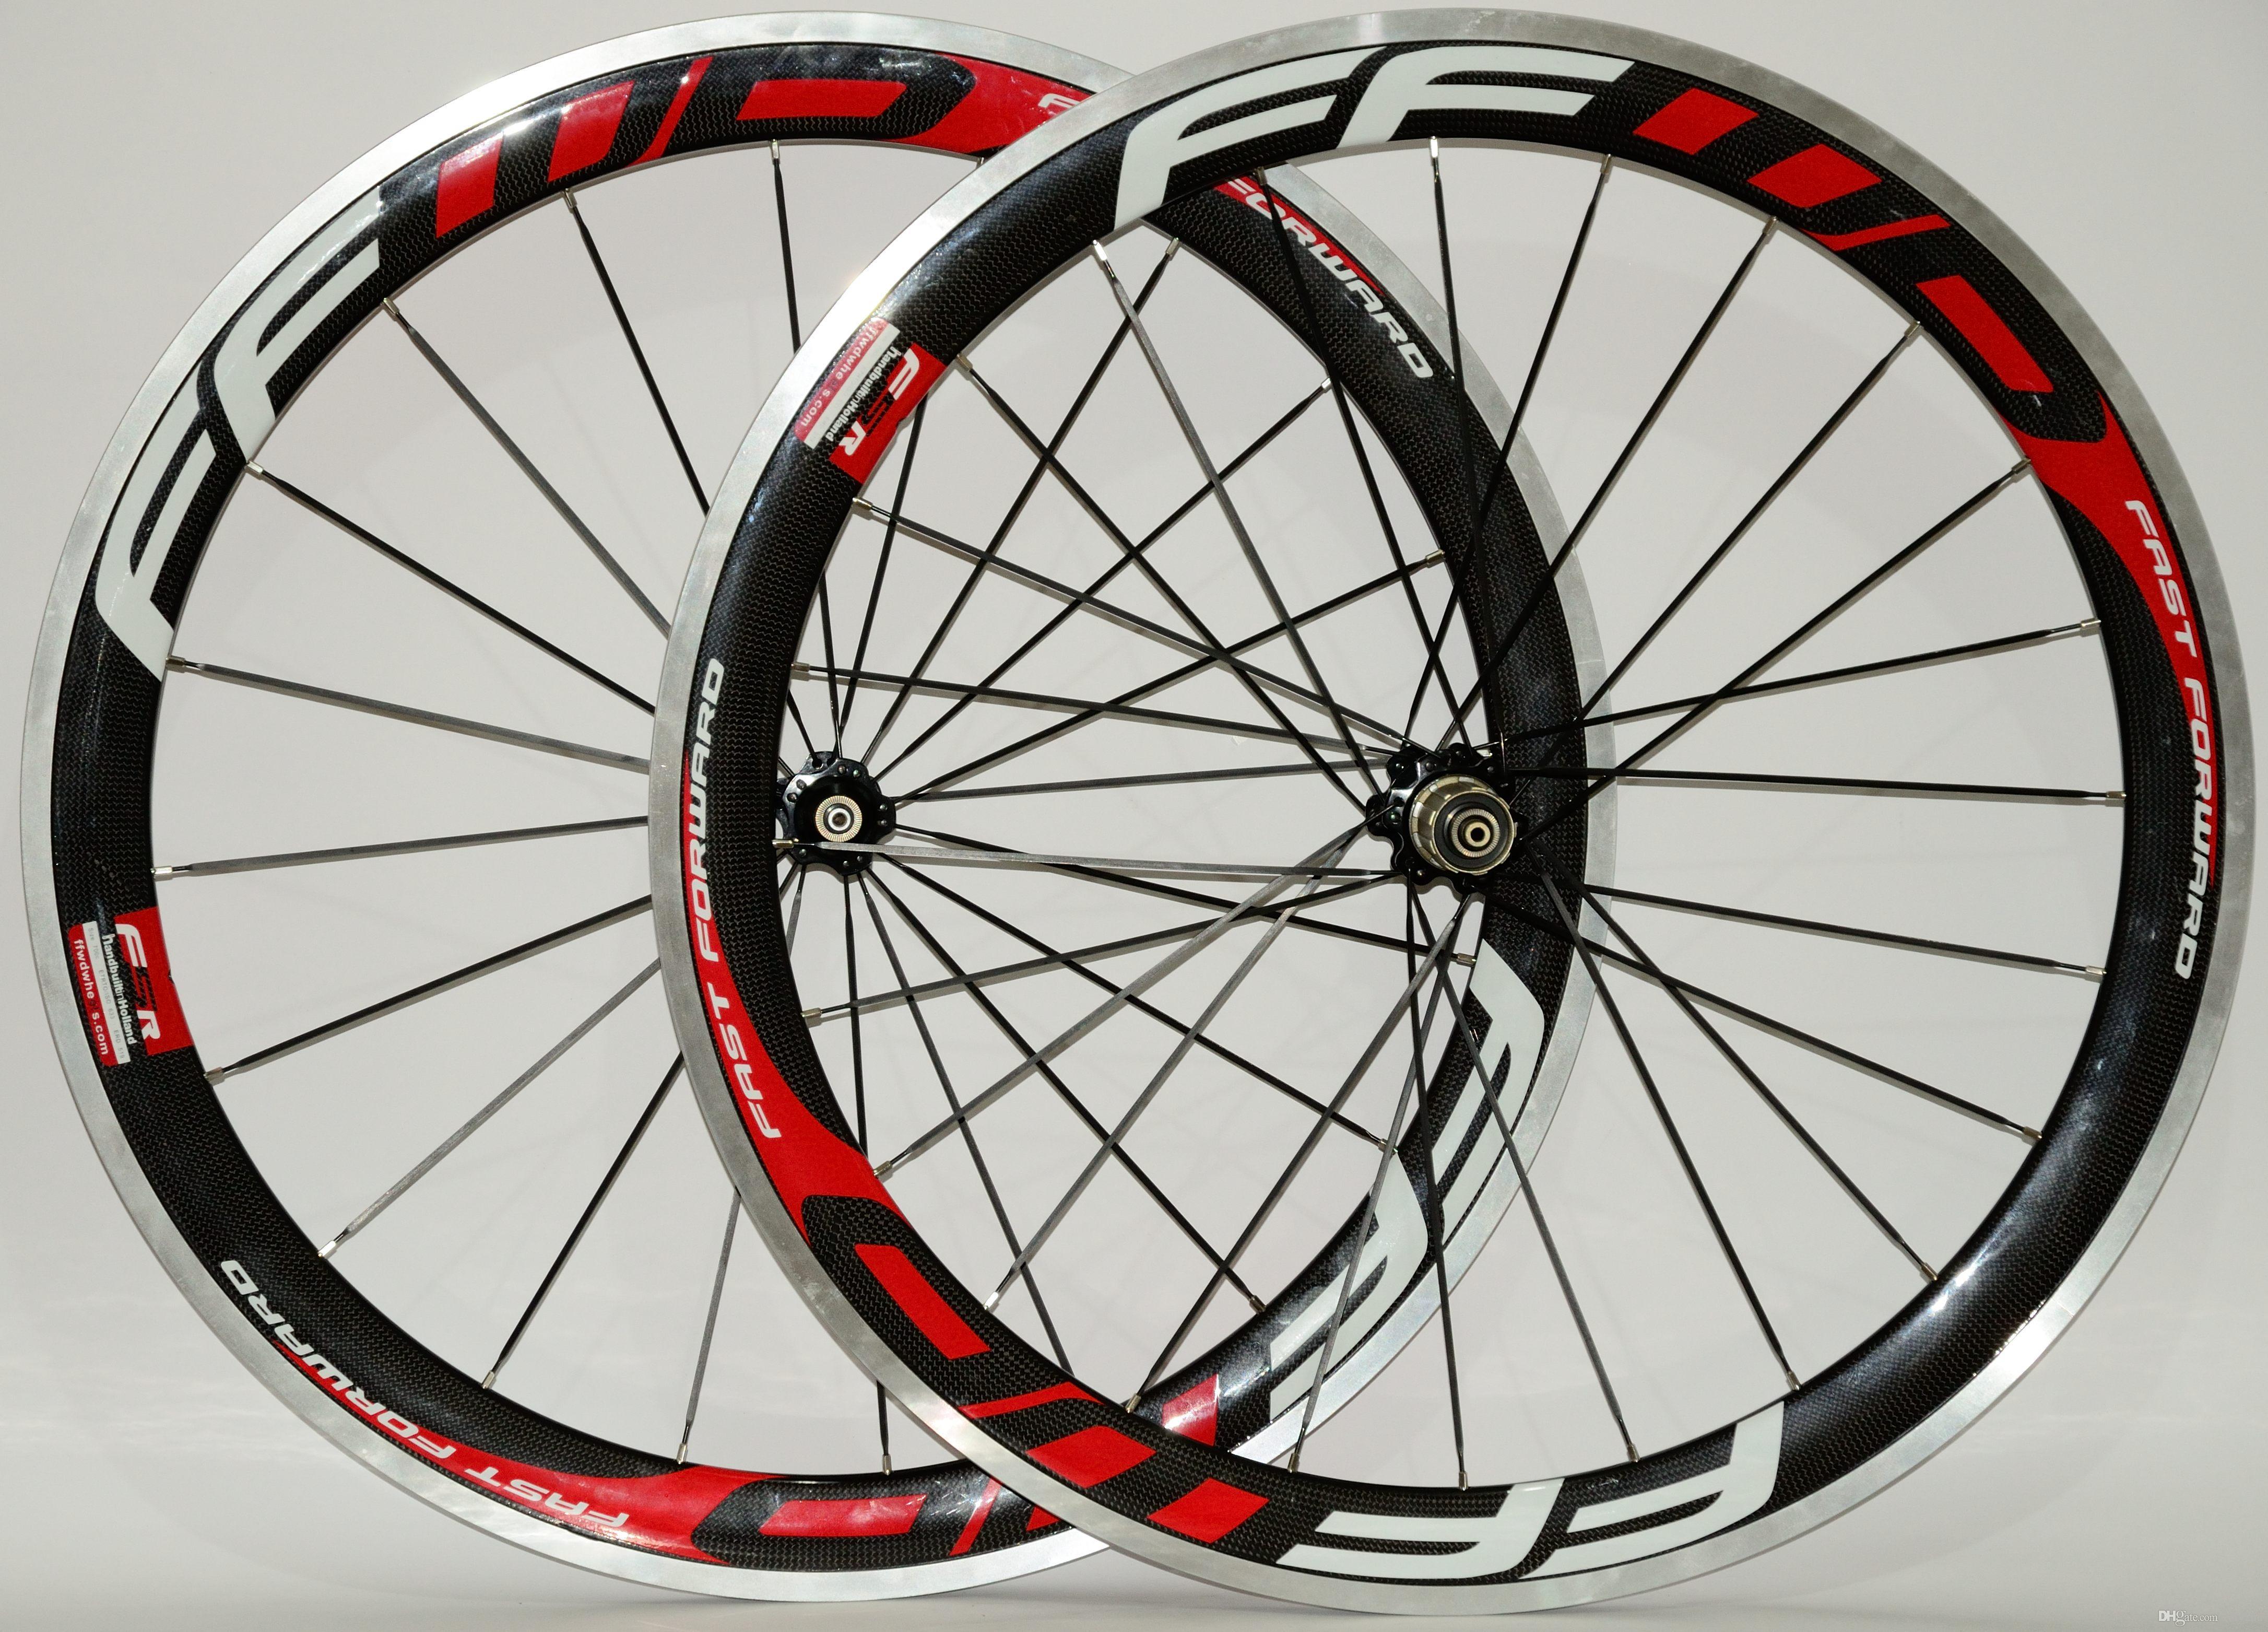 Trasporto libero in lega di freni superficie ruote in carbonio 700C 50mm profondità 23mm larghezza bici da strada copertoncino ruote con mozzi Novatec 271/372